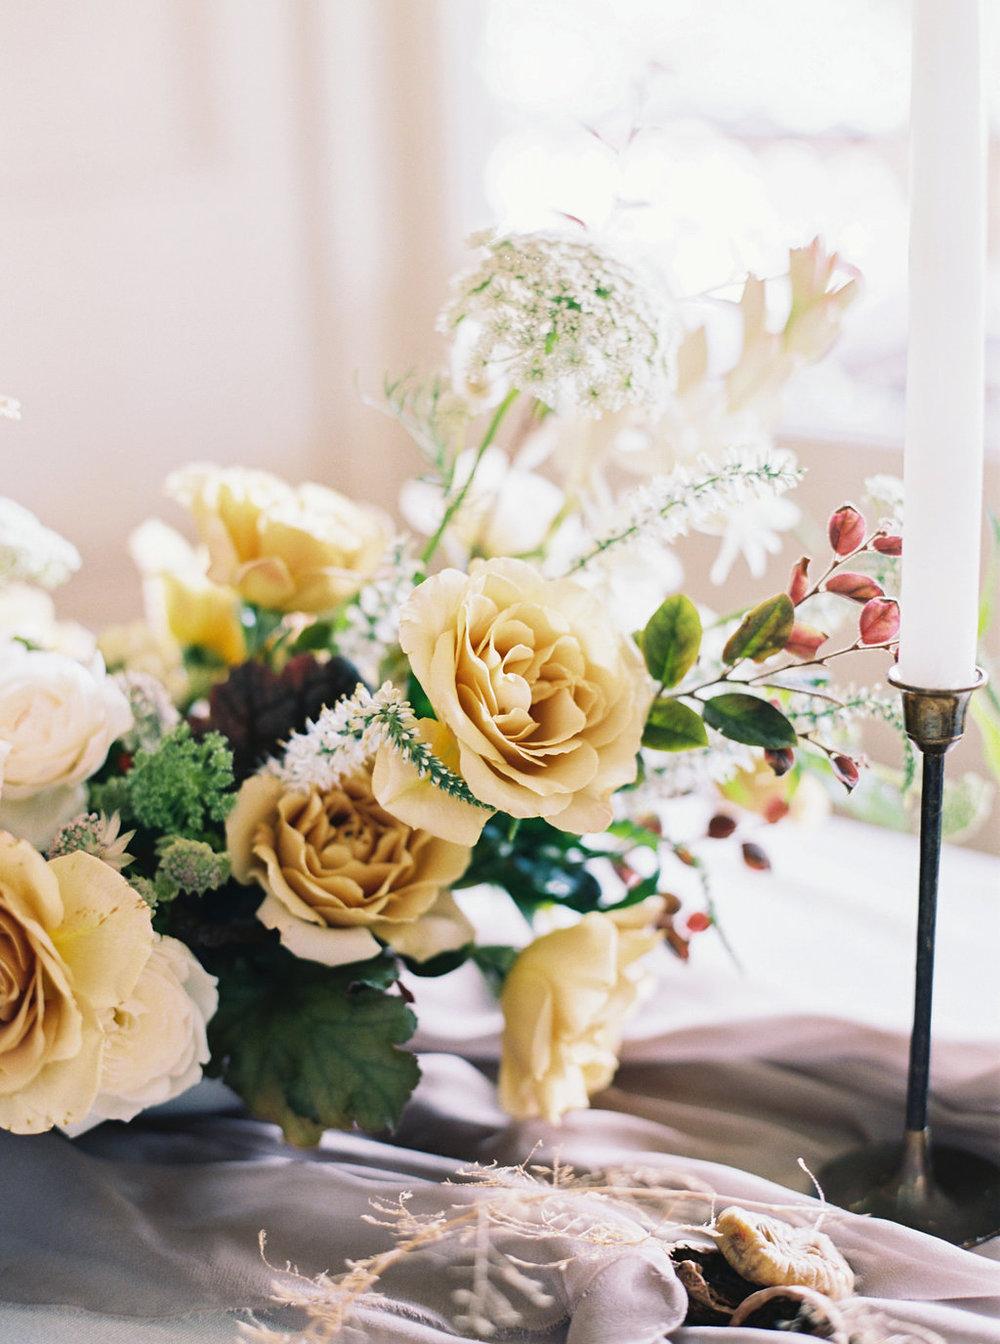 Zinnia Floral Designs- 1:1 class